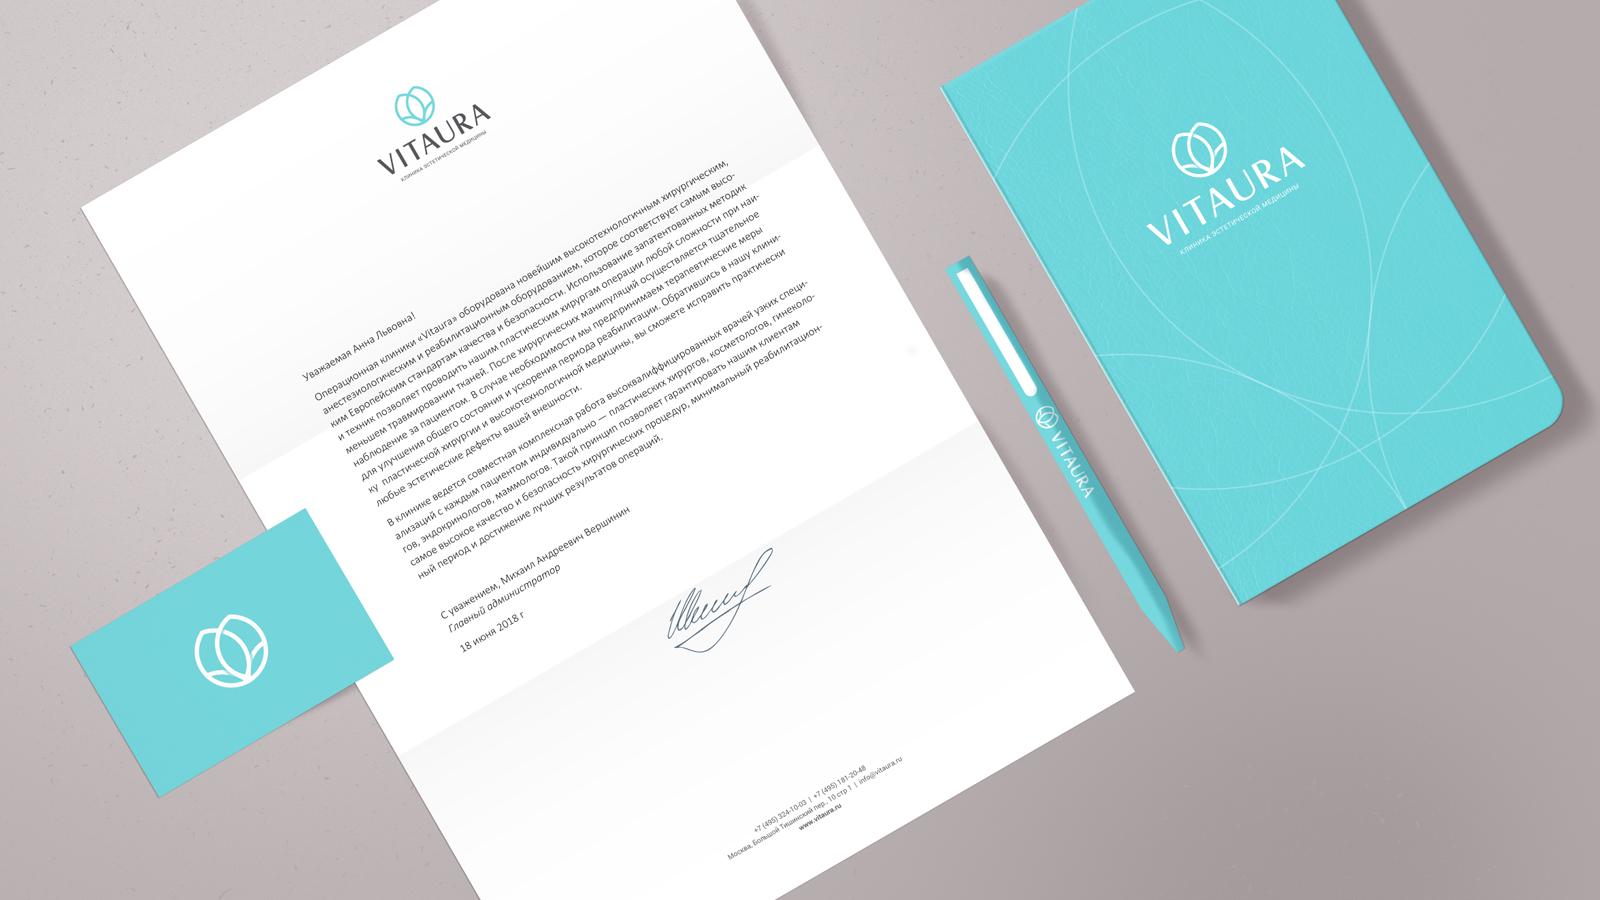 Нейминг бренда Vitaura формирует универсальный образ и приятную ауру бренда, апеллируя к жизни, легкости бытия, естественной красоте, подаренной природой.